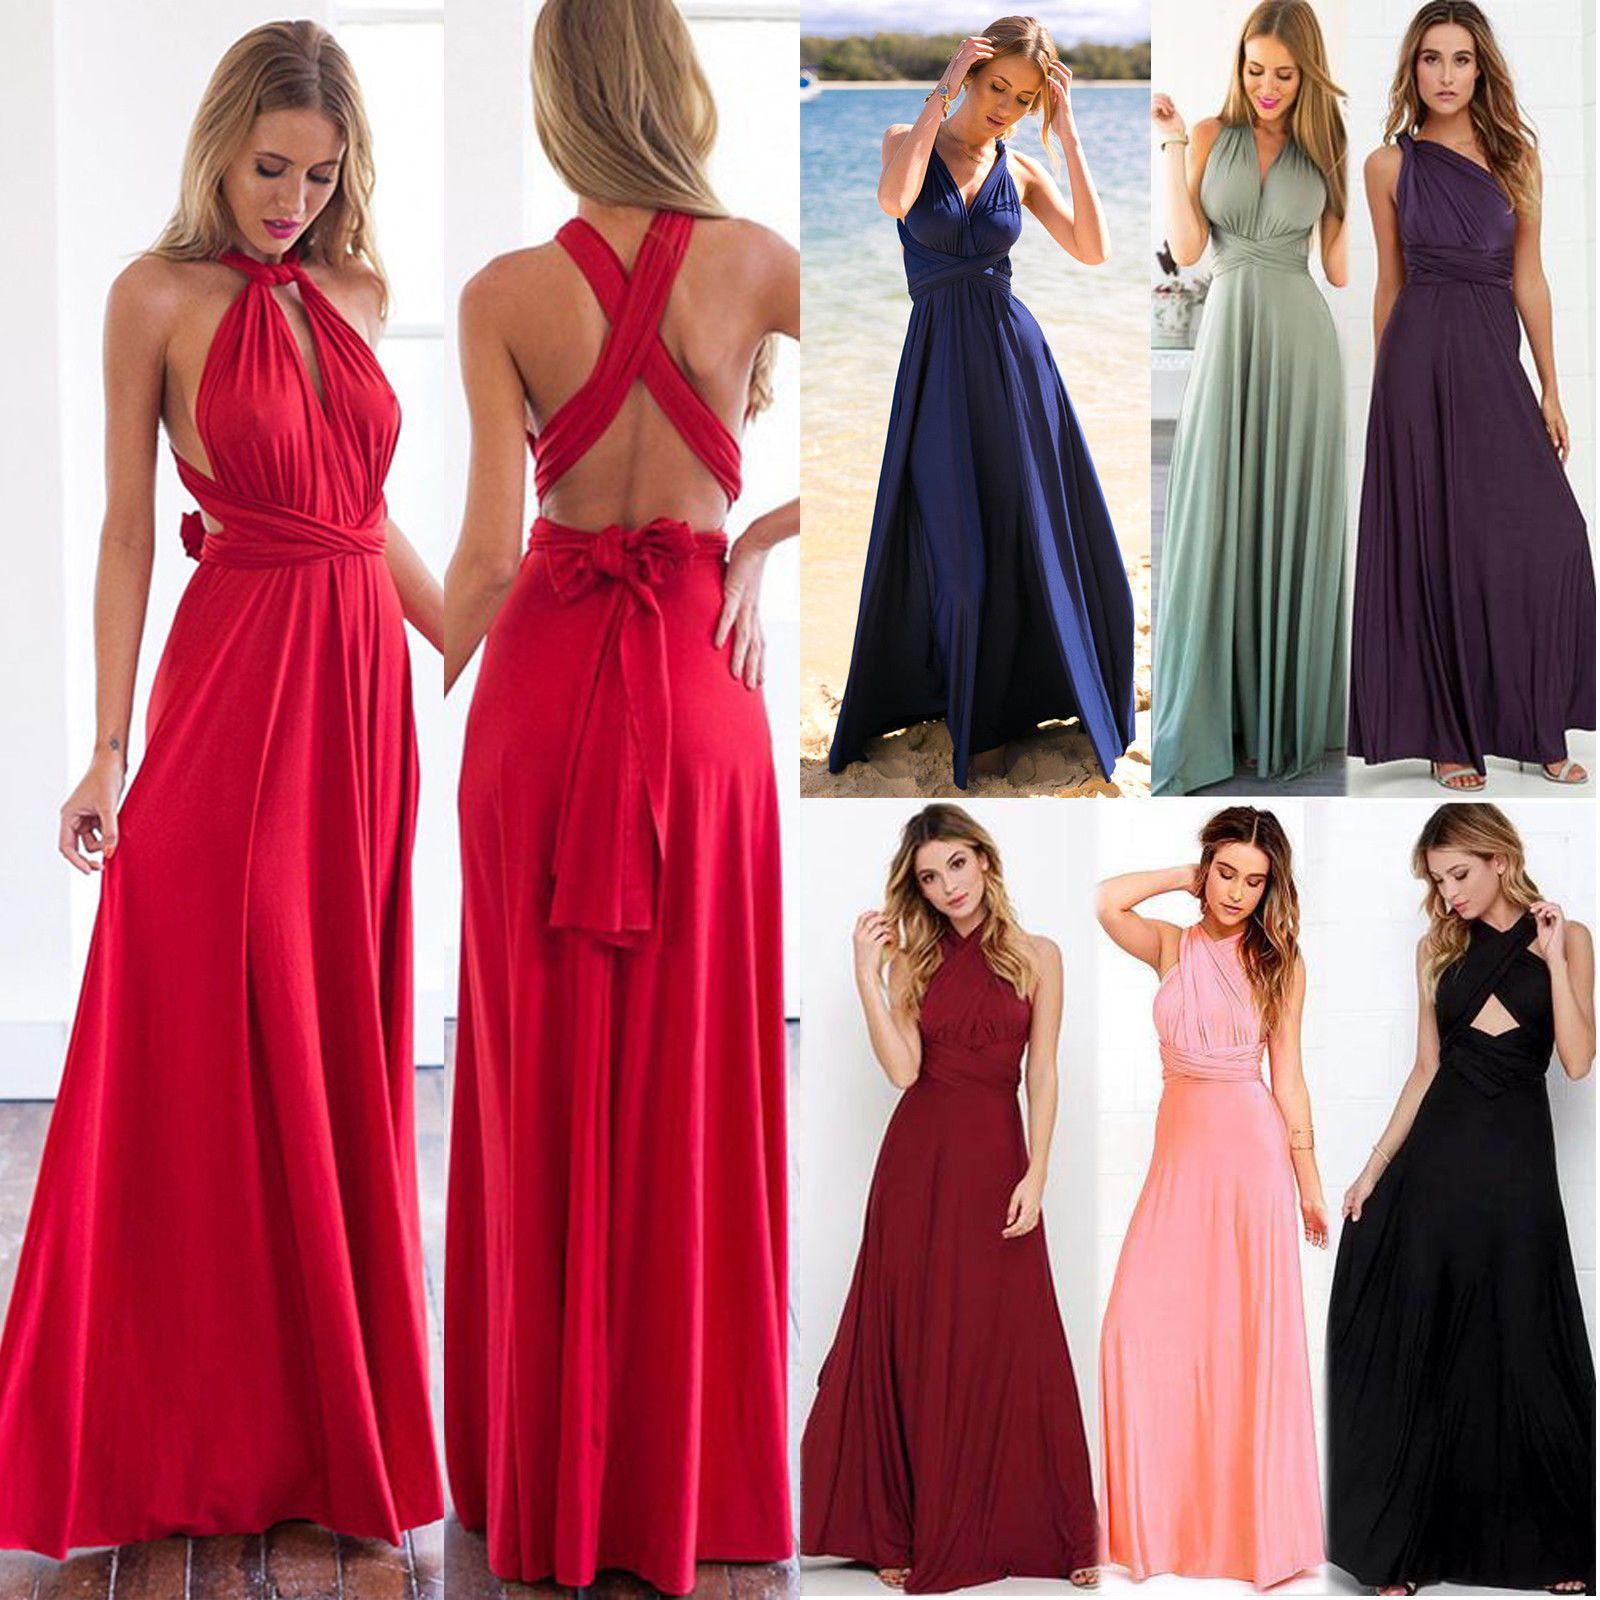 Damen Lang Maxikleid Abendkleid Kleid Hochzeitskleid Cocktail Ball